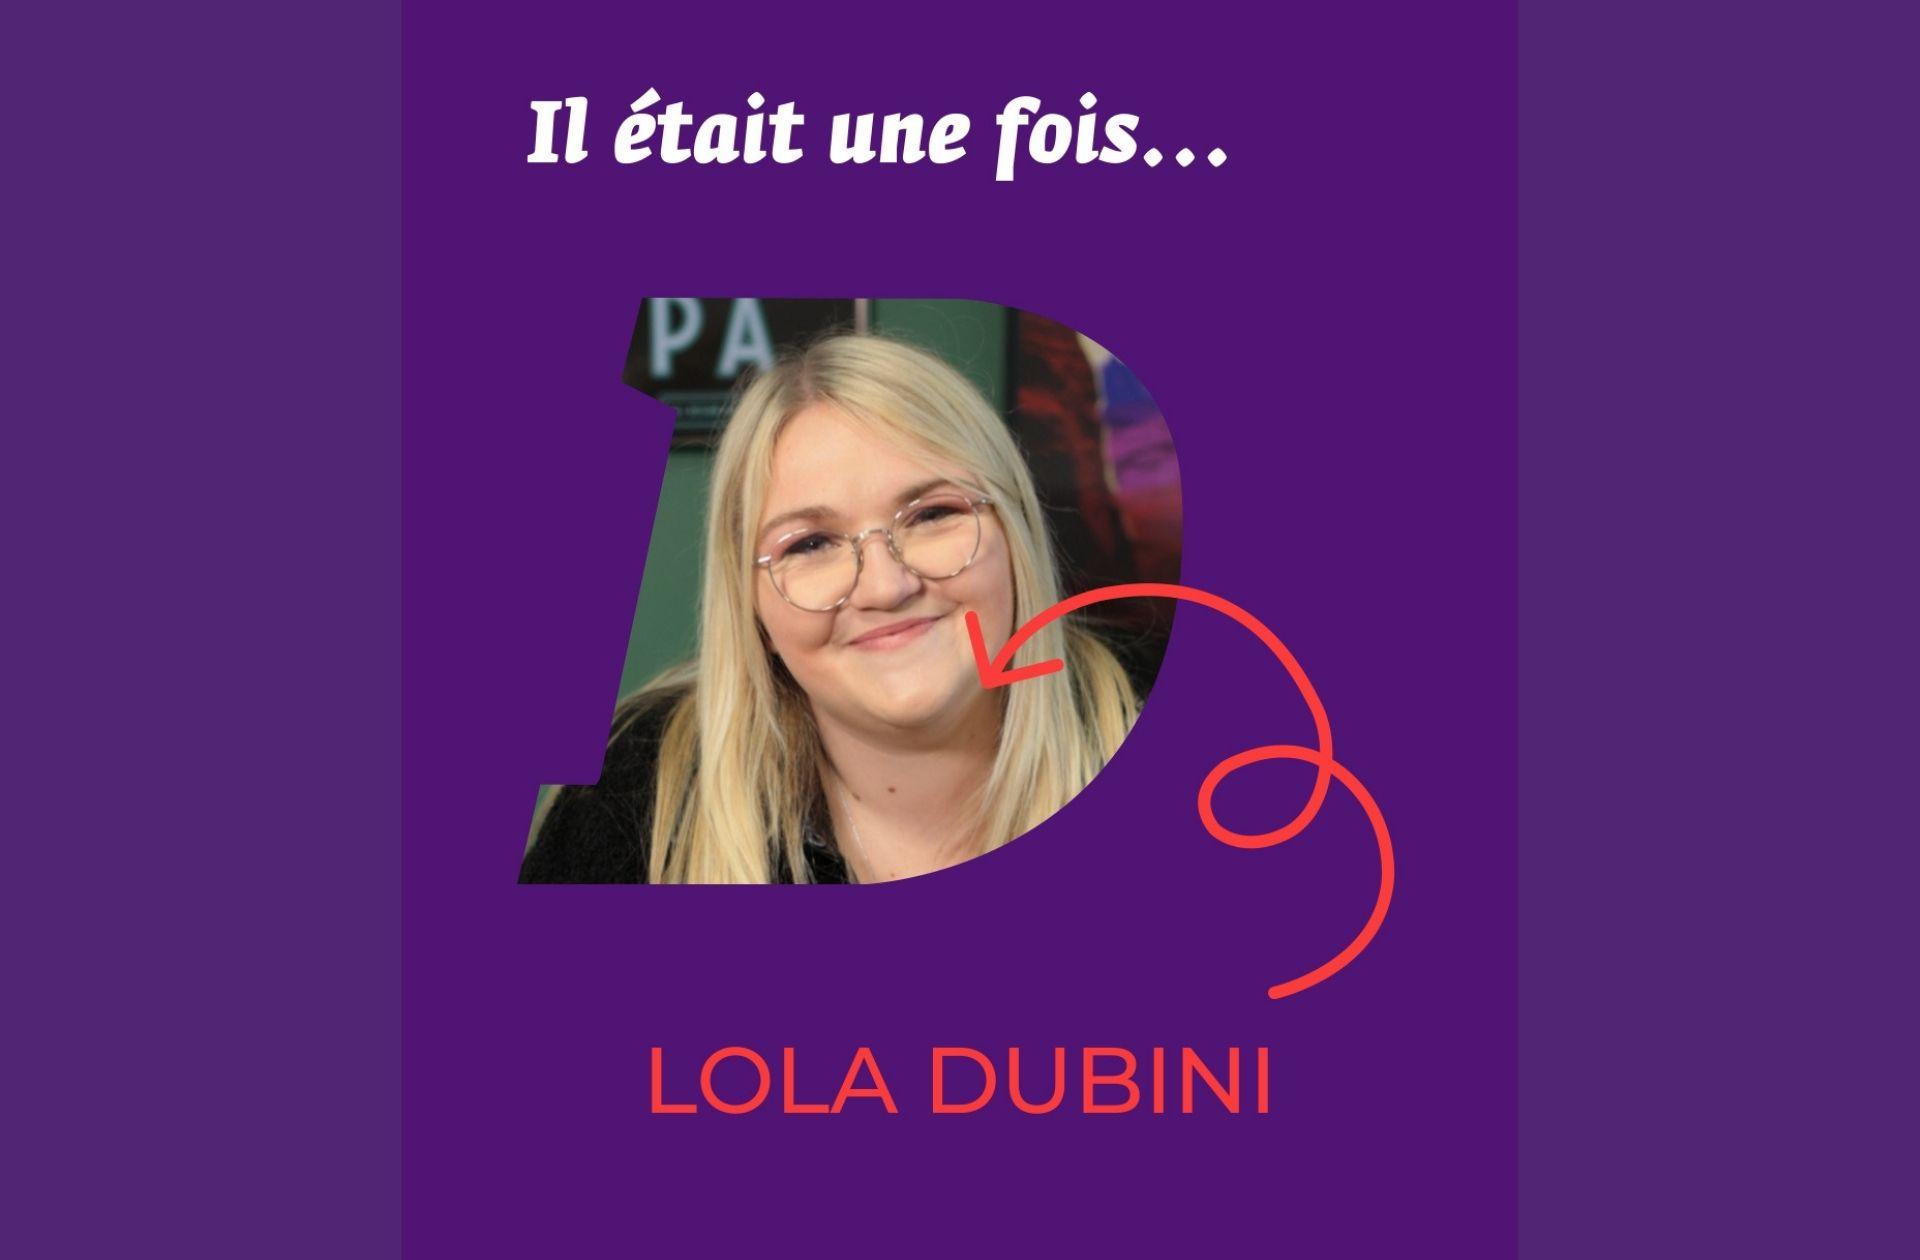 « Les appareils dentaires, je trouvais ça super cool » : Lola Dubini parle de son enfance